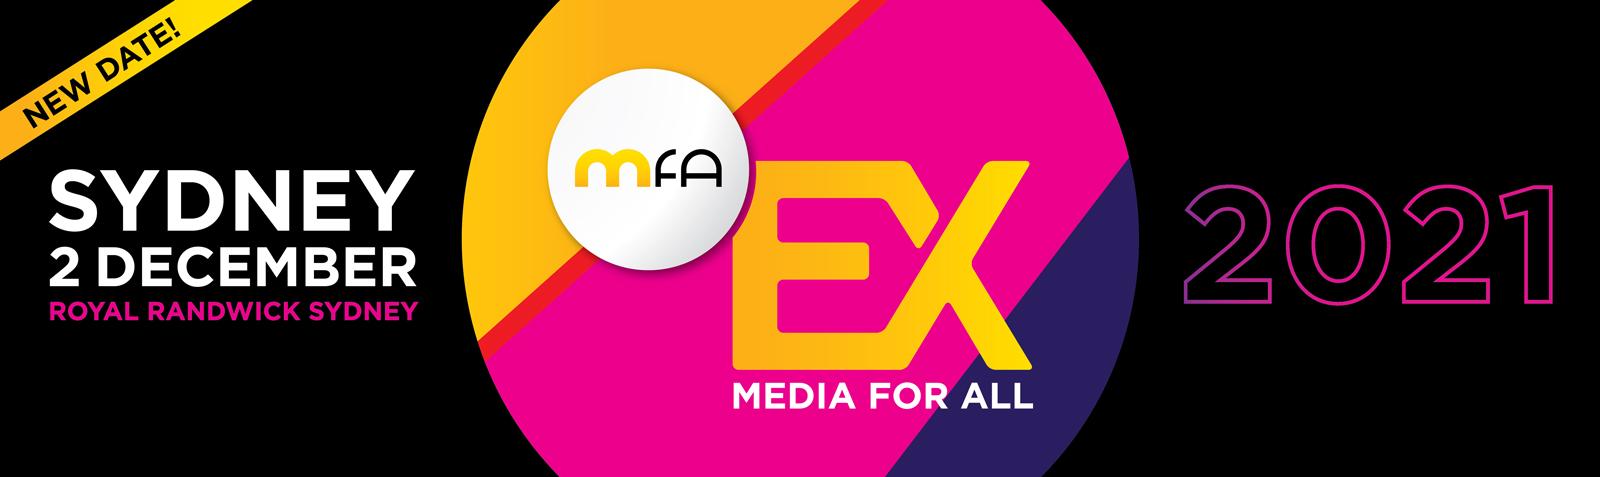 MFAEX_NewDates_WebsiteBanner_1600x477px_SYD_2